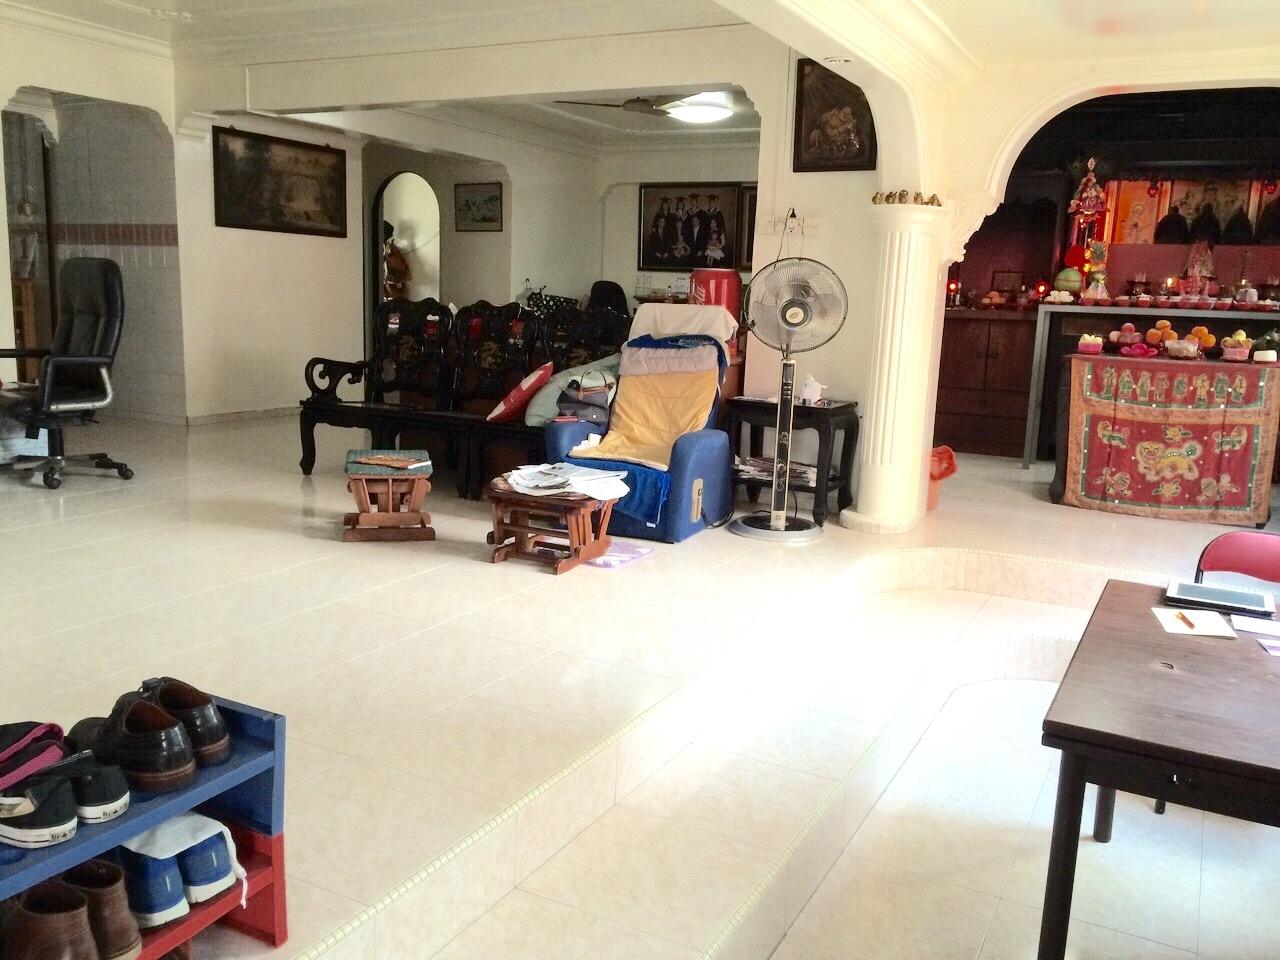 Master Bedroom Jurong East 223a jurong east street 21, 223a jurong east street 21, 4 bedrooms